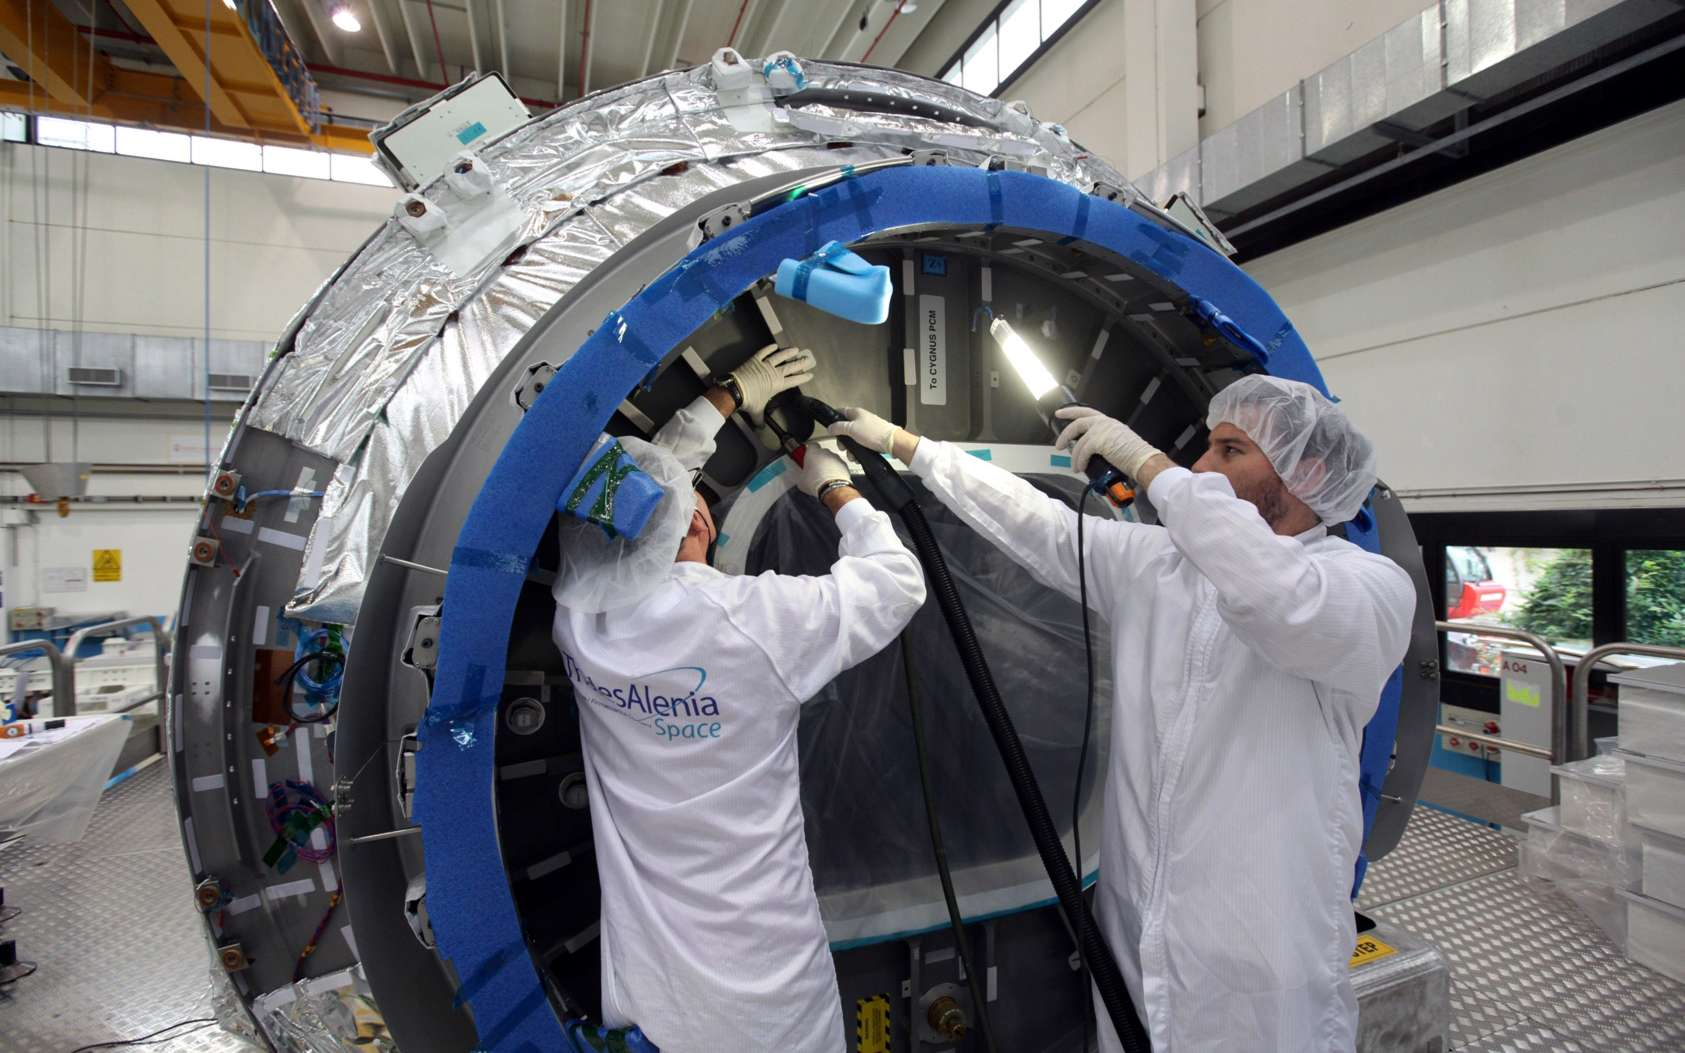 Le premier module PCM fourni par Thales Alenia Space a quitté l'usine turinoise de TAS pour le site de lancement de la Nasa à Wallops en Virginie, où Orbital l'intégrera avec le module de service Cygnus. Le premier vol est actuellement programmé pour décembre 2011 avec le lanceur Taurus II d'Orbital. © Thales Alenia Space